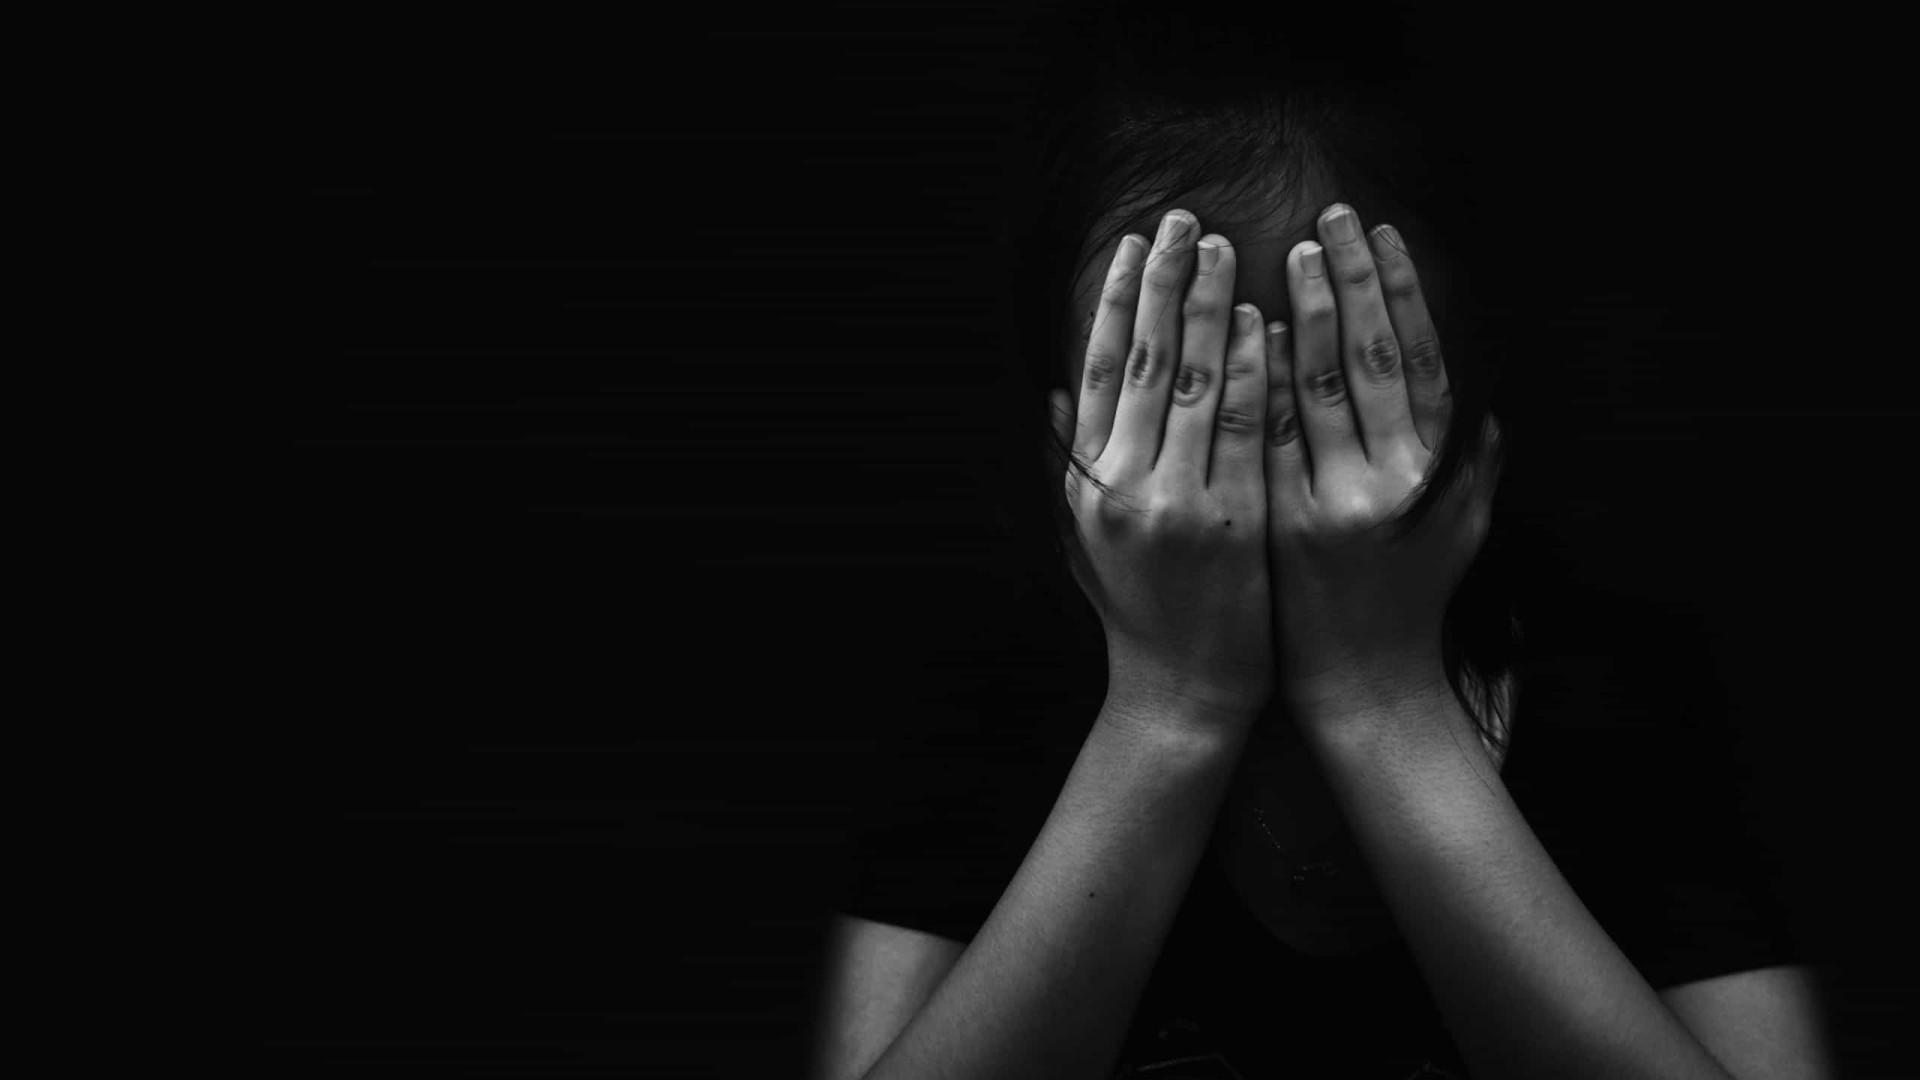 Infraero e MPT assinam acordo para combater tráfico de pessoas